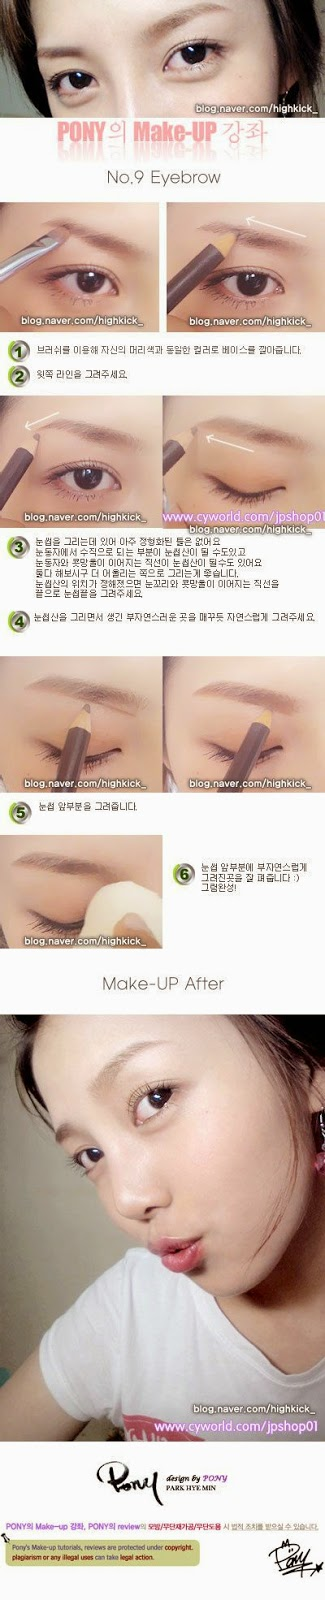 เขียนคิ้วแบบเกาหลี